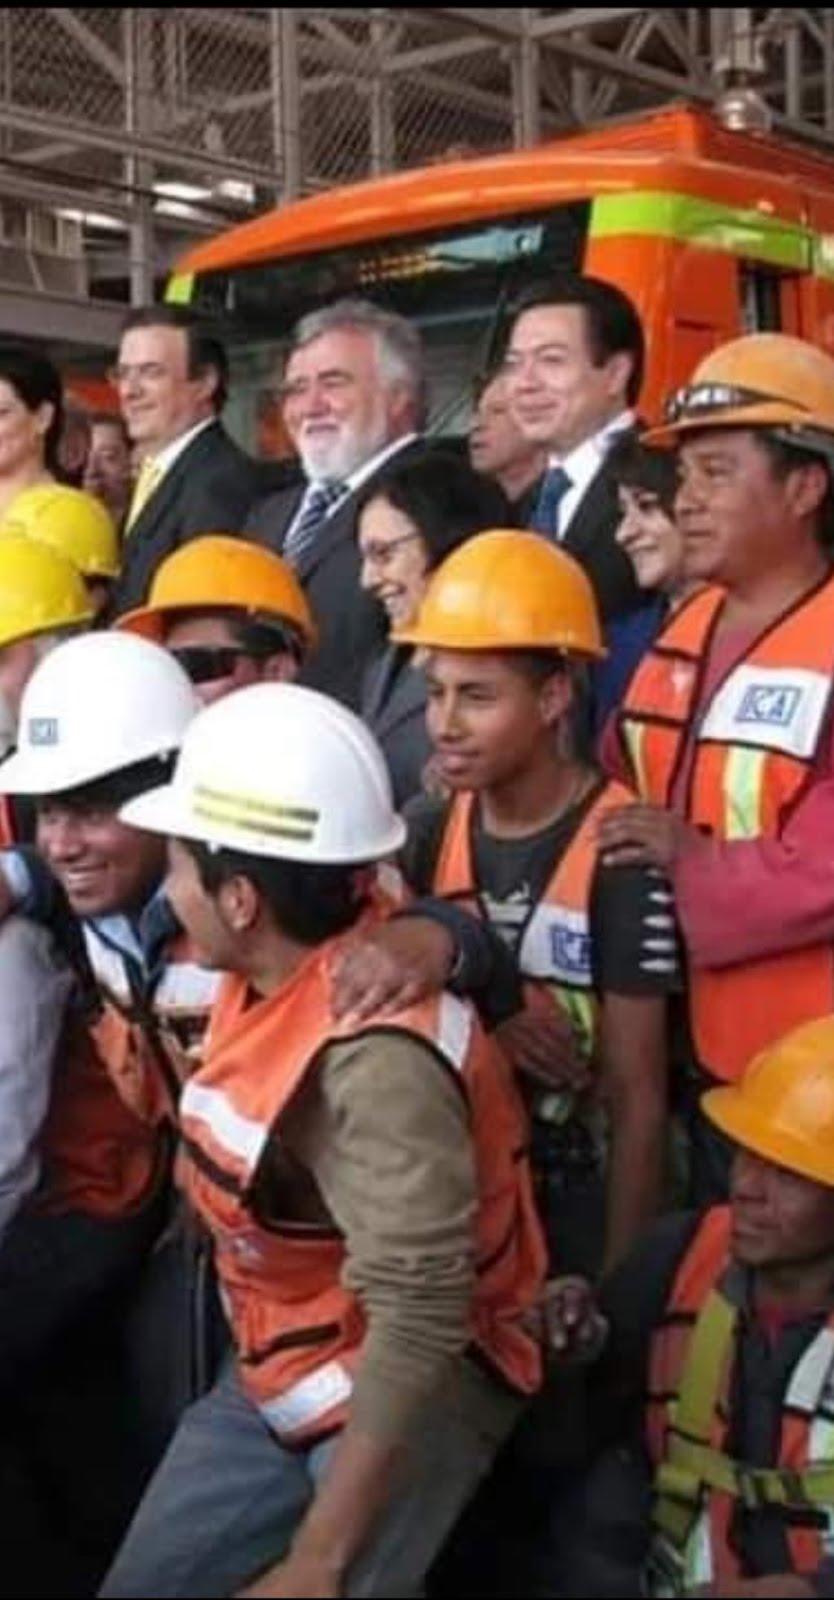 Aniversario del PRD la víspera de que la línea 12 sea declarada fallida